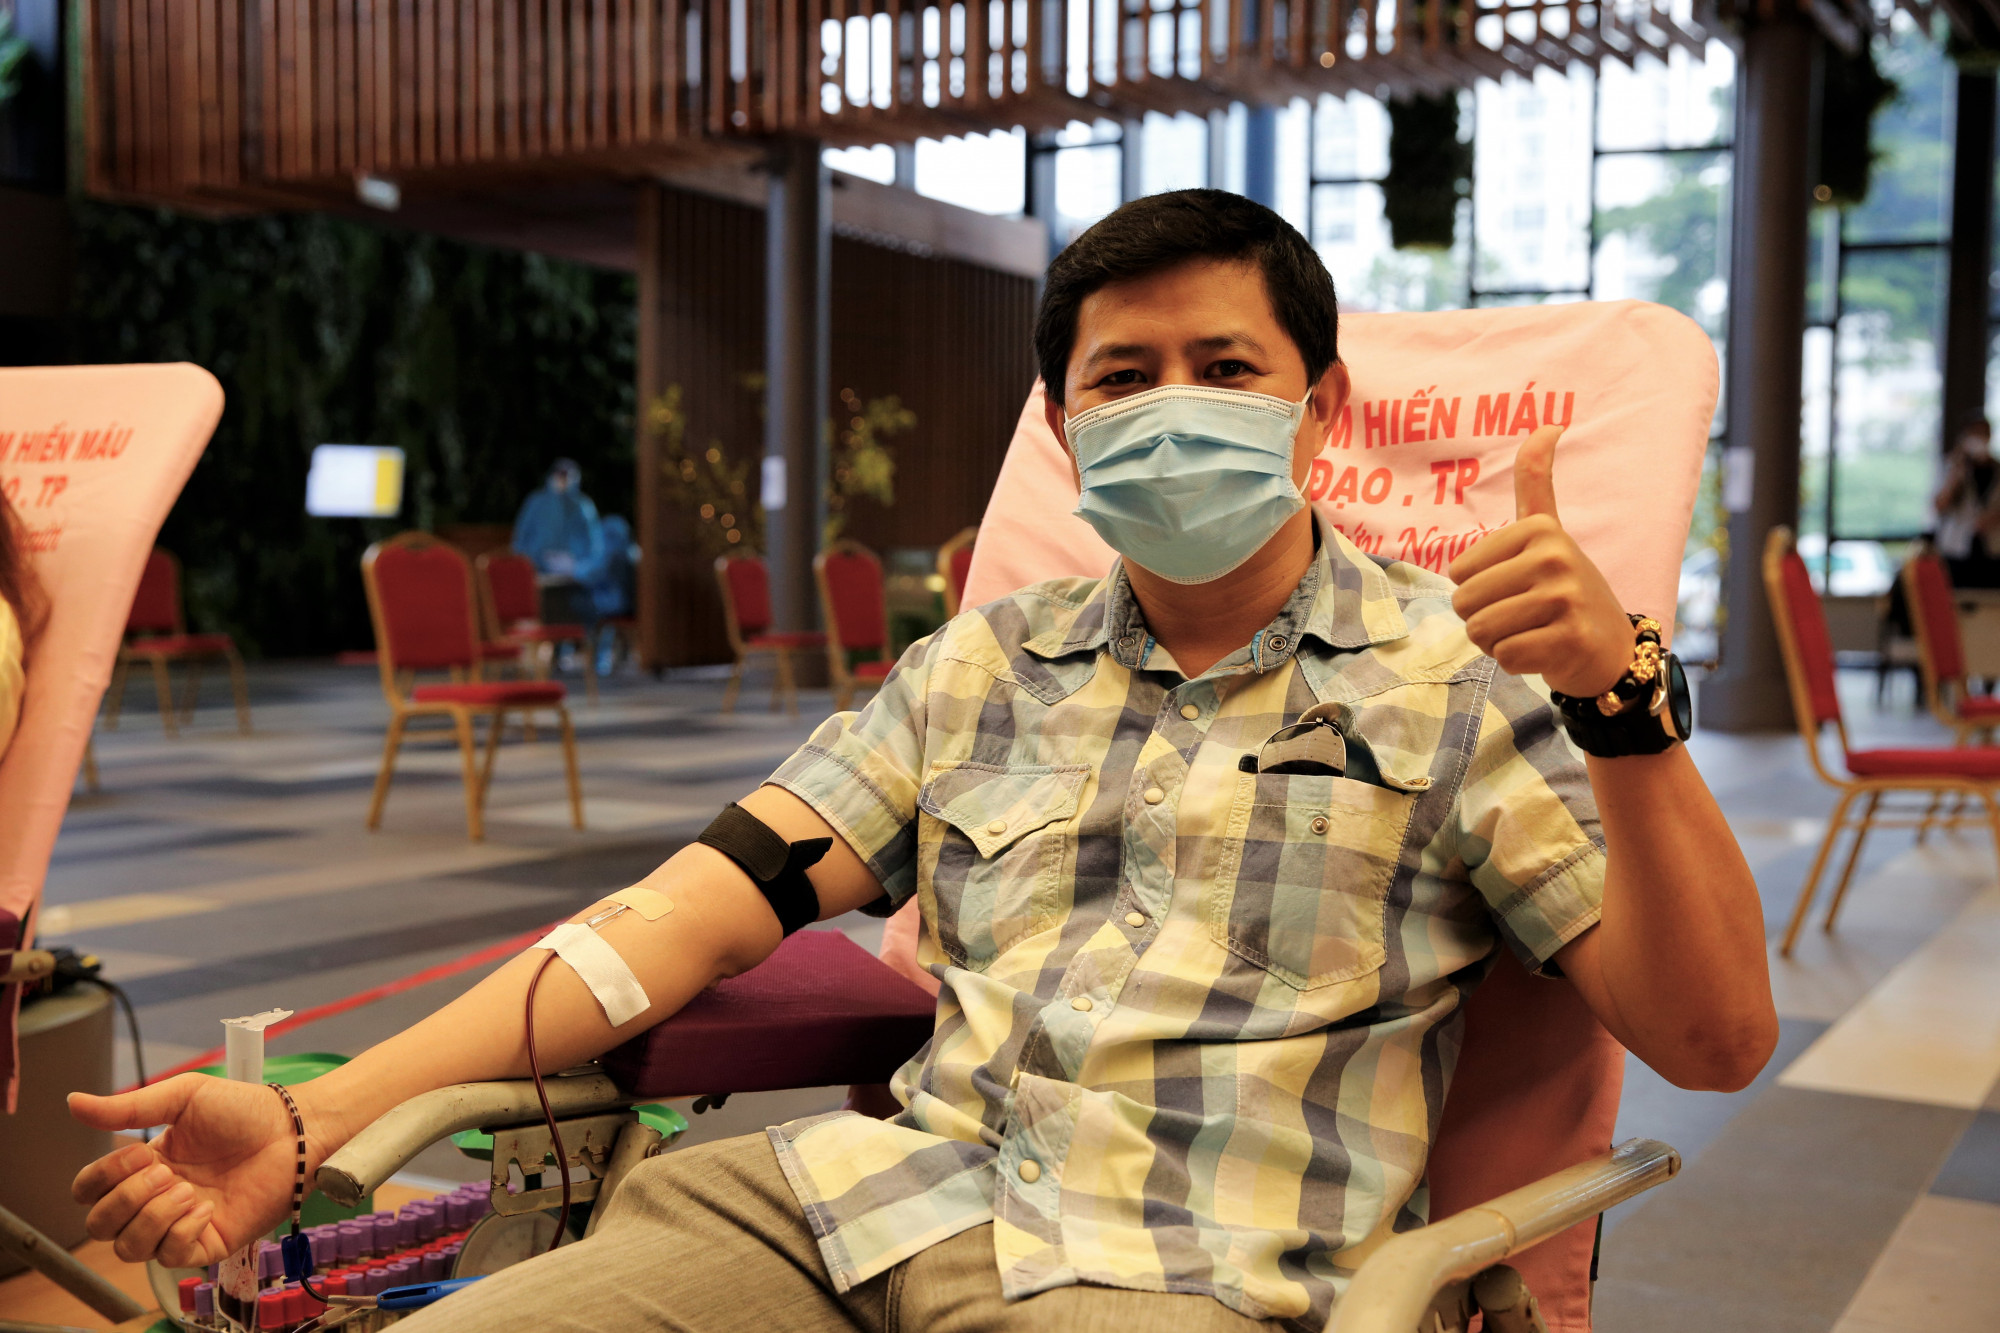 Anh Bùi Duy Lưu, Công ty TNHH Phát triển Phú Hưng Thịnh, tham gia hiến máu trong chương trình - Ảnh: PMH